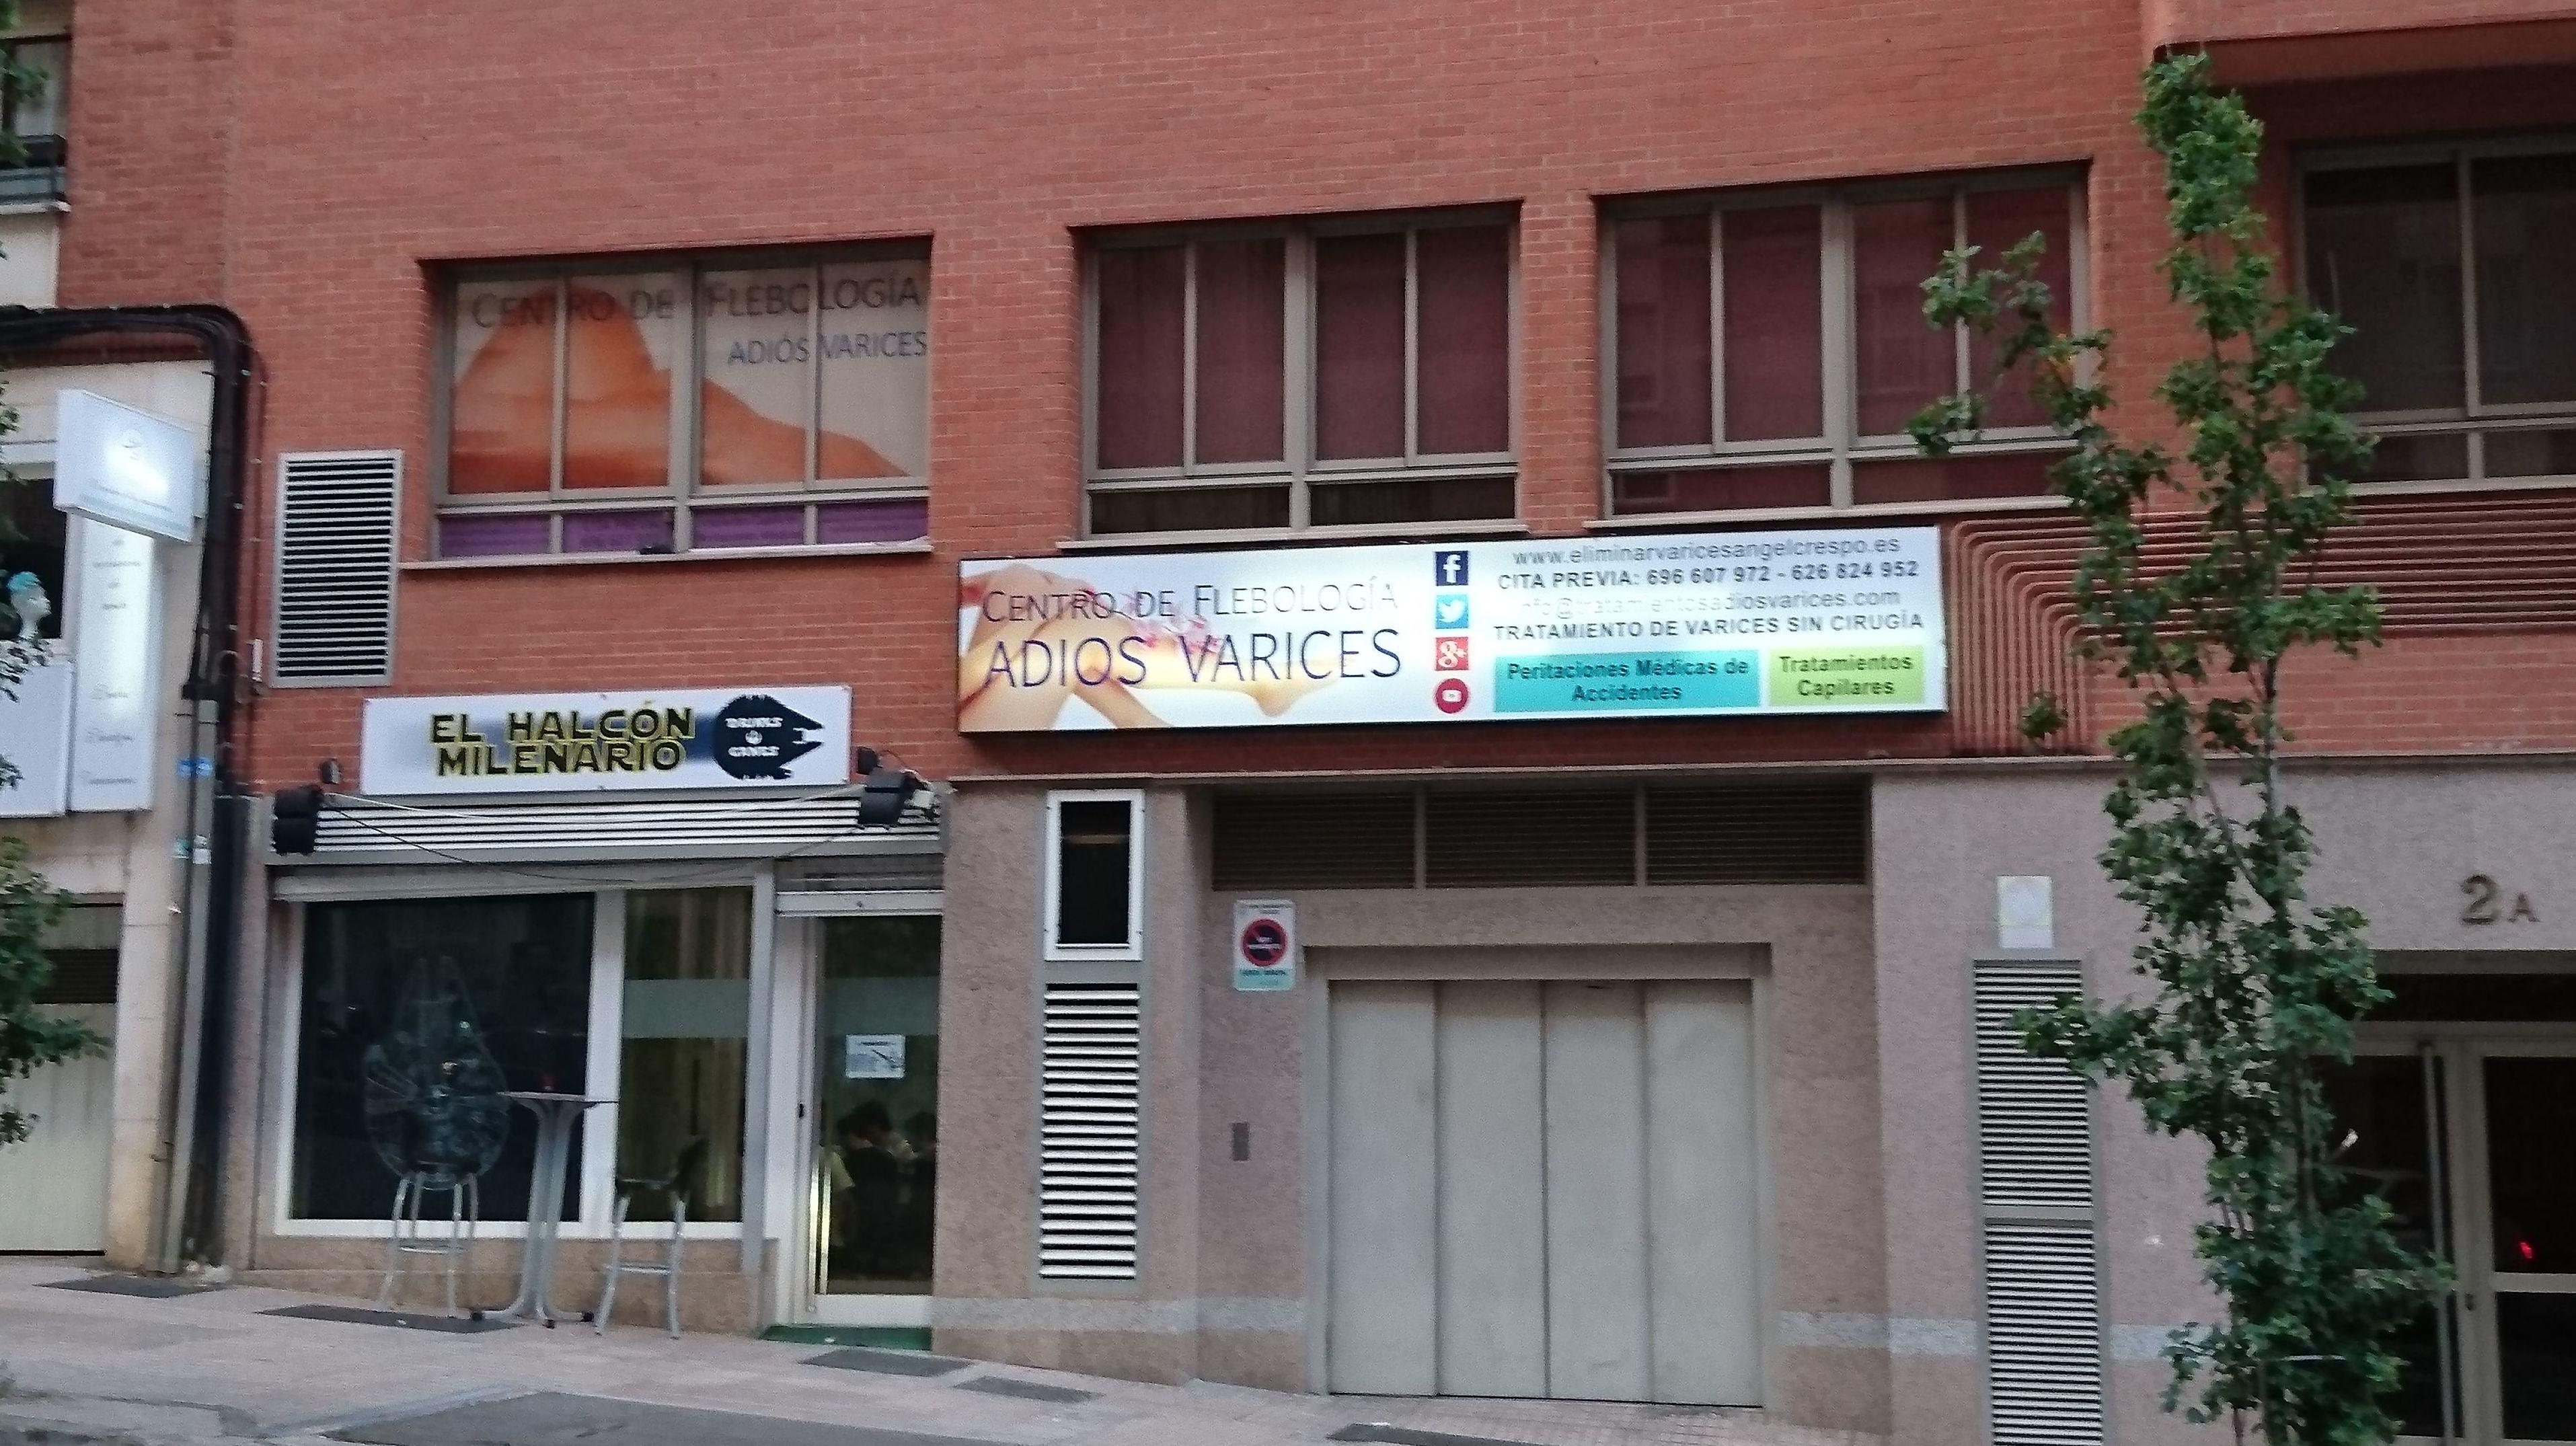 Foto 3 de Eliminación de varices en Cáceres | Centro Adiós Varices